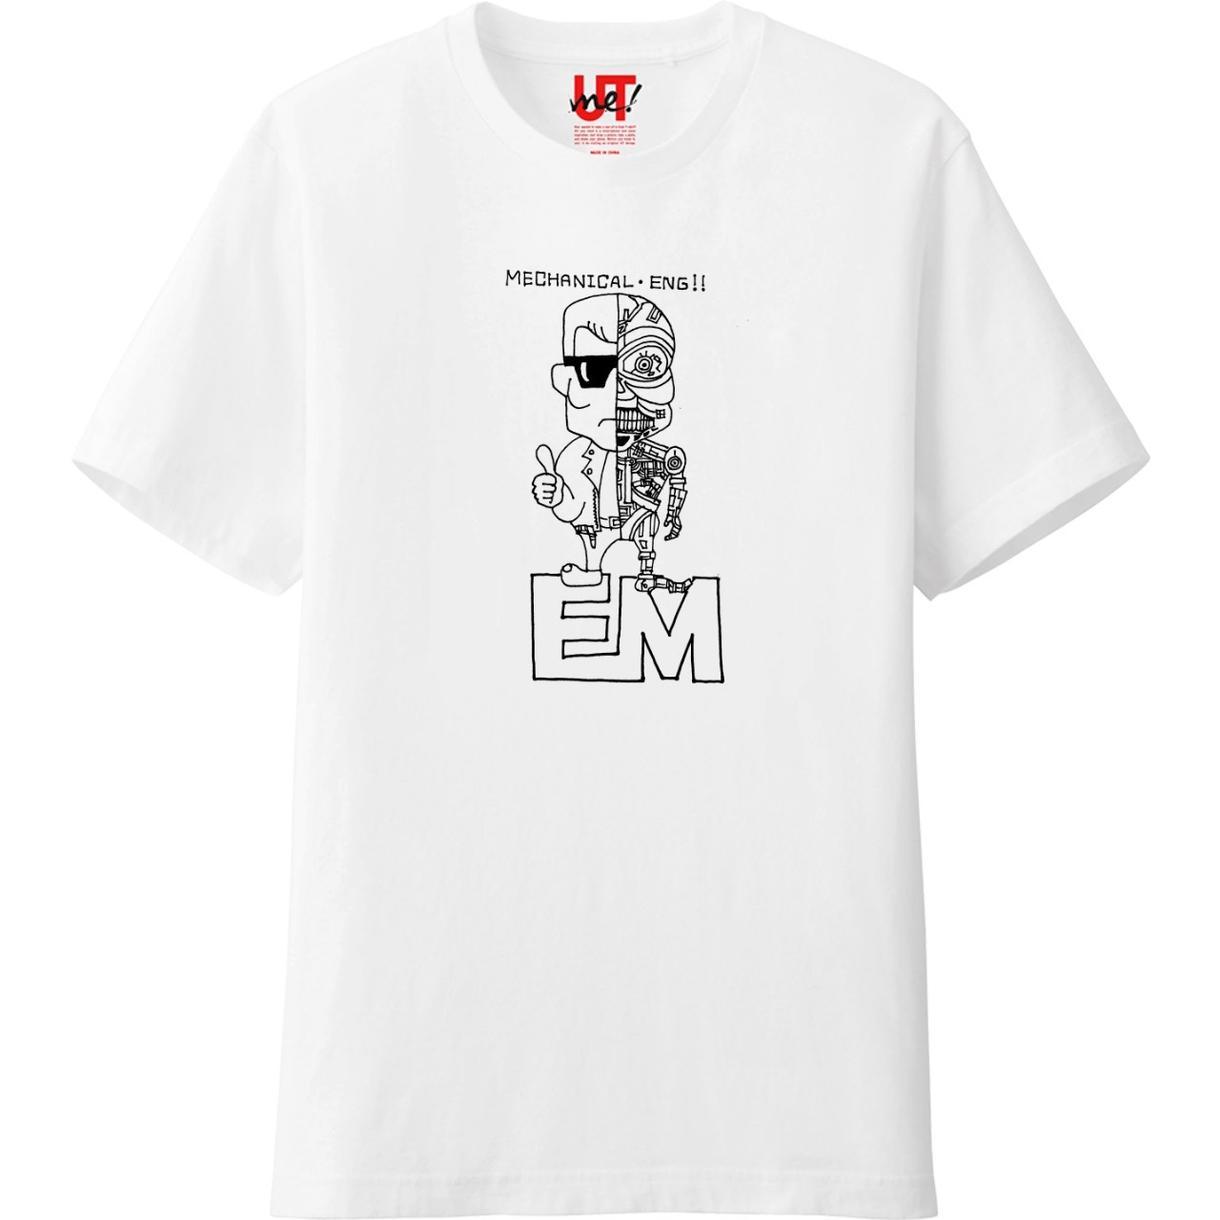 世界で1枚、あなただけのTシャツを作ります 現役大学生があなたのご要望に合わせて1からデザインします。